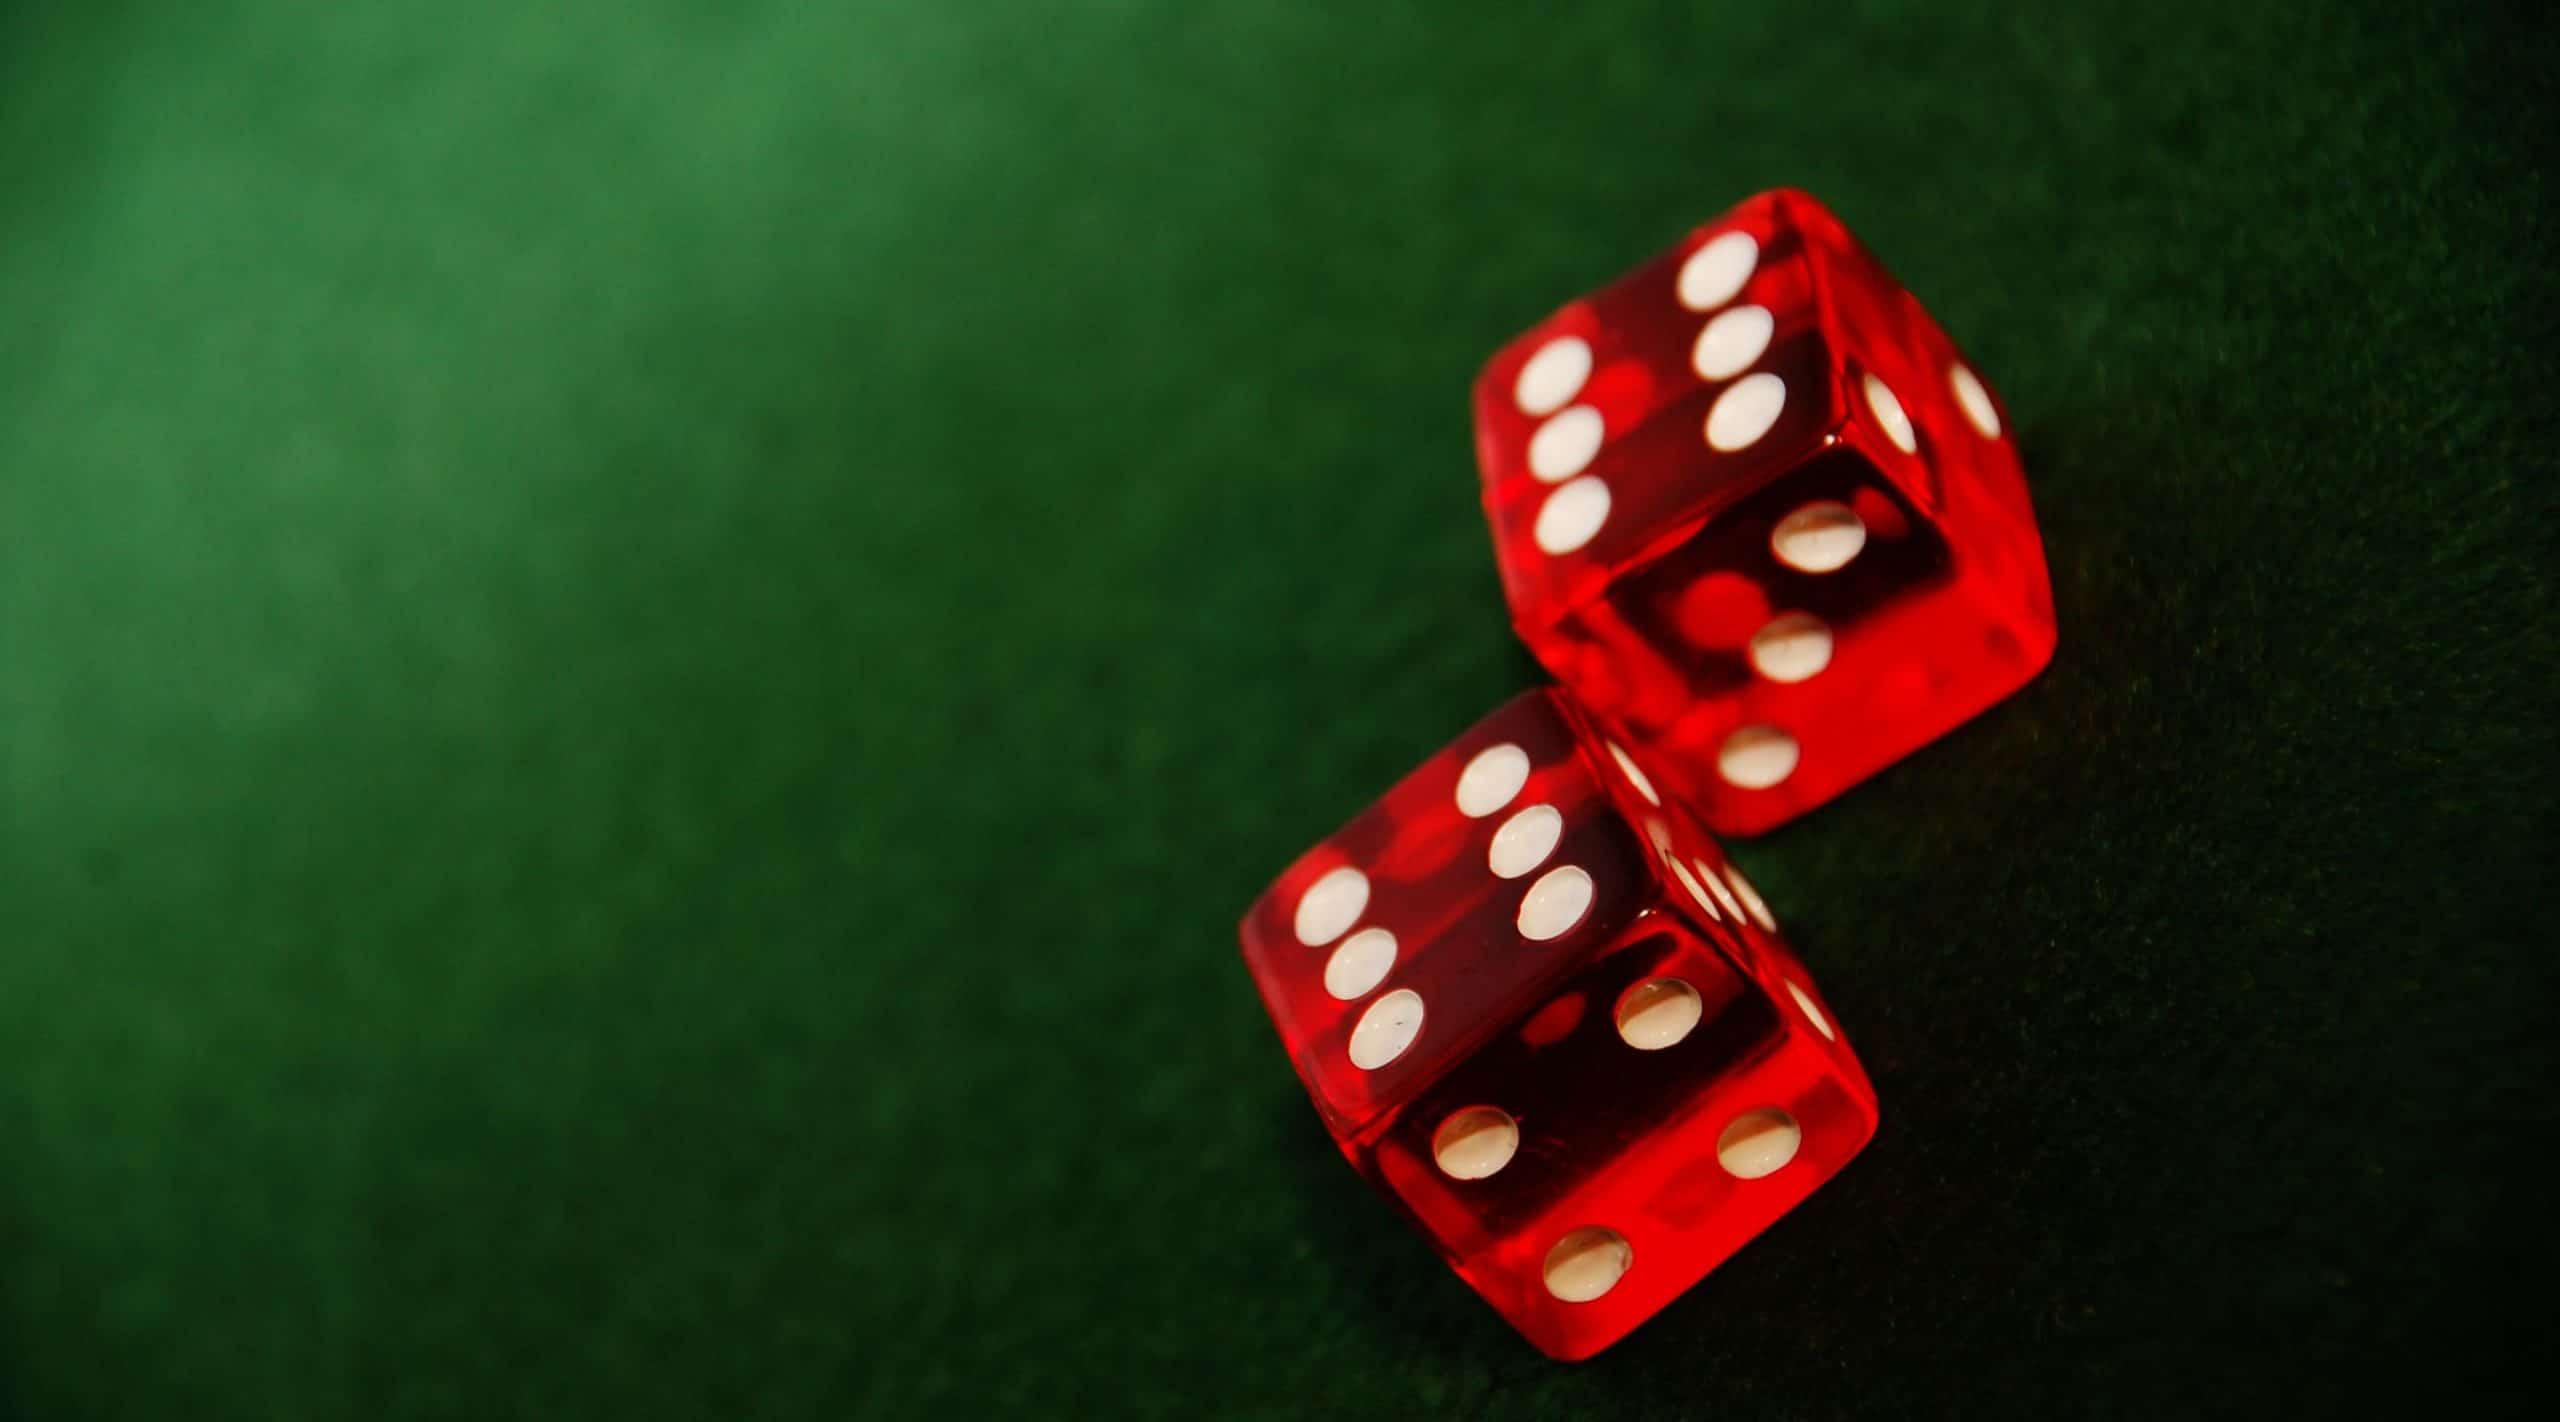 Jeux casino : les sites frauduleux existent